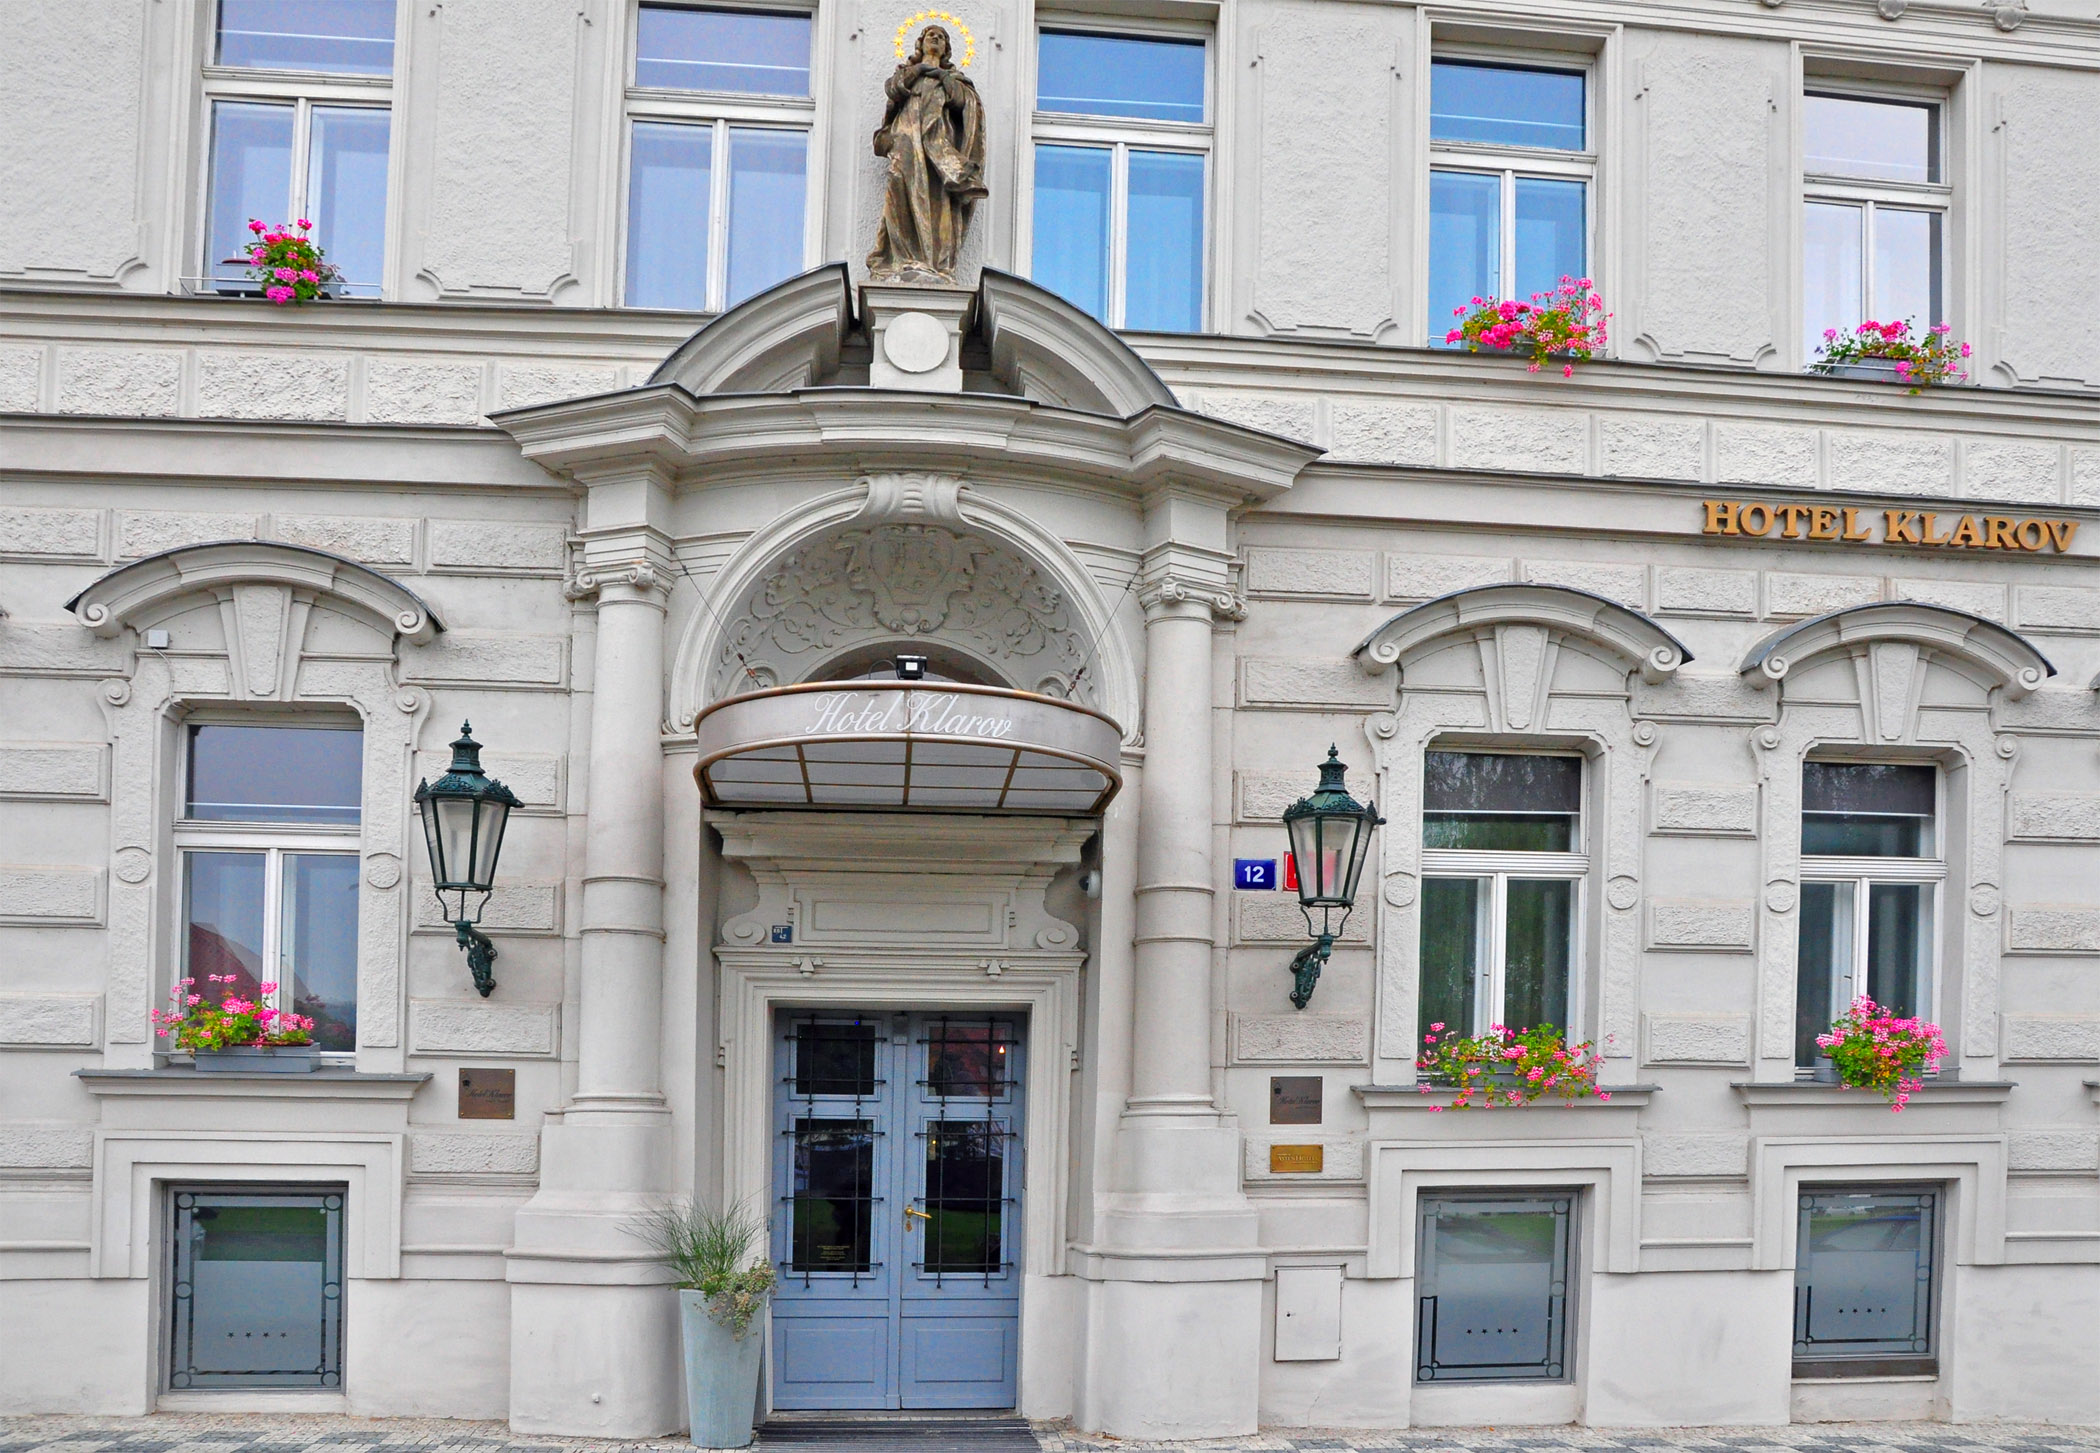 2. Hotel Klarov